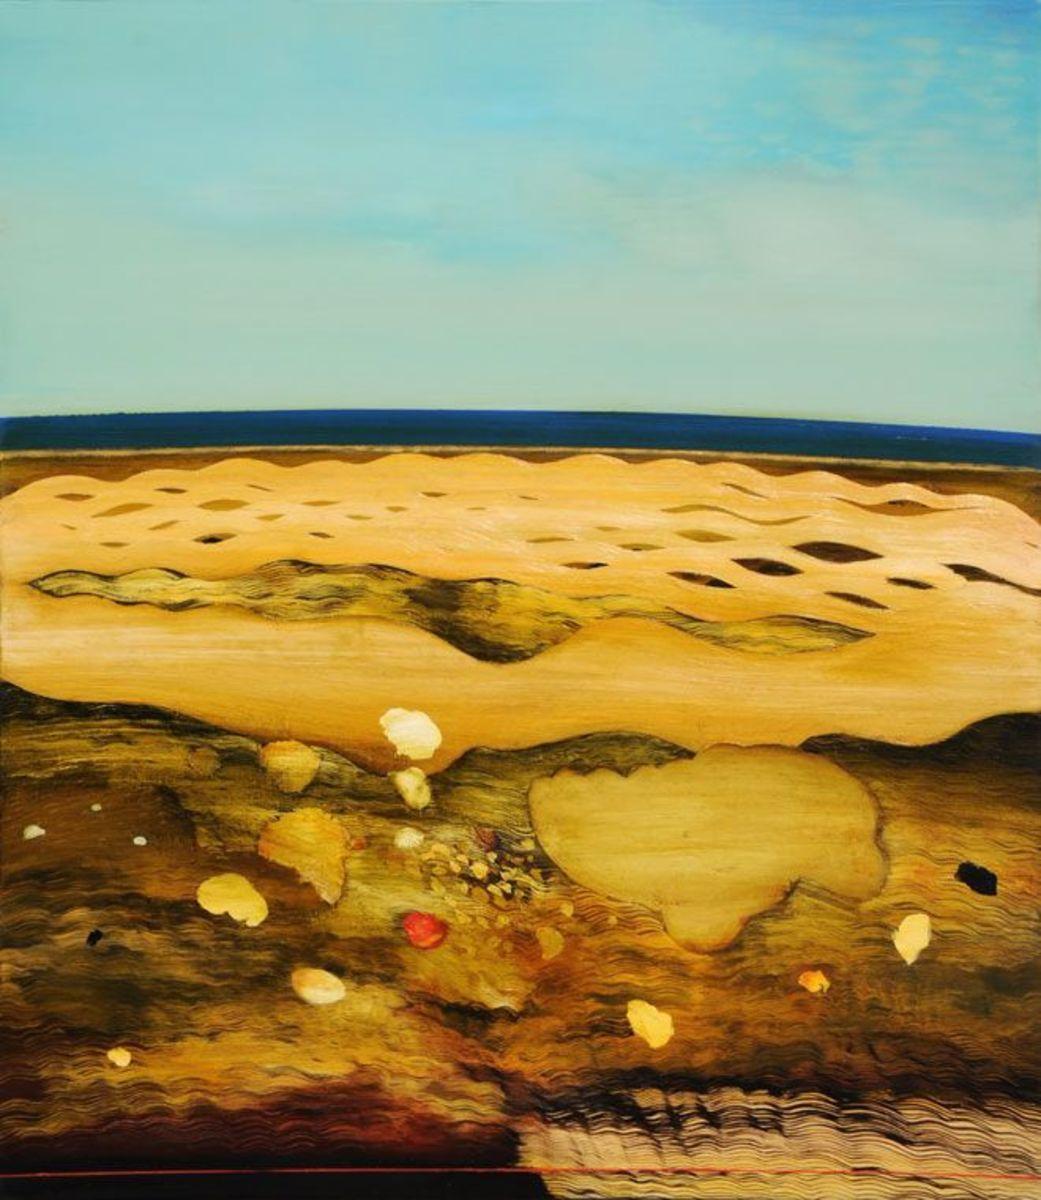 Geobloom no. 3